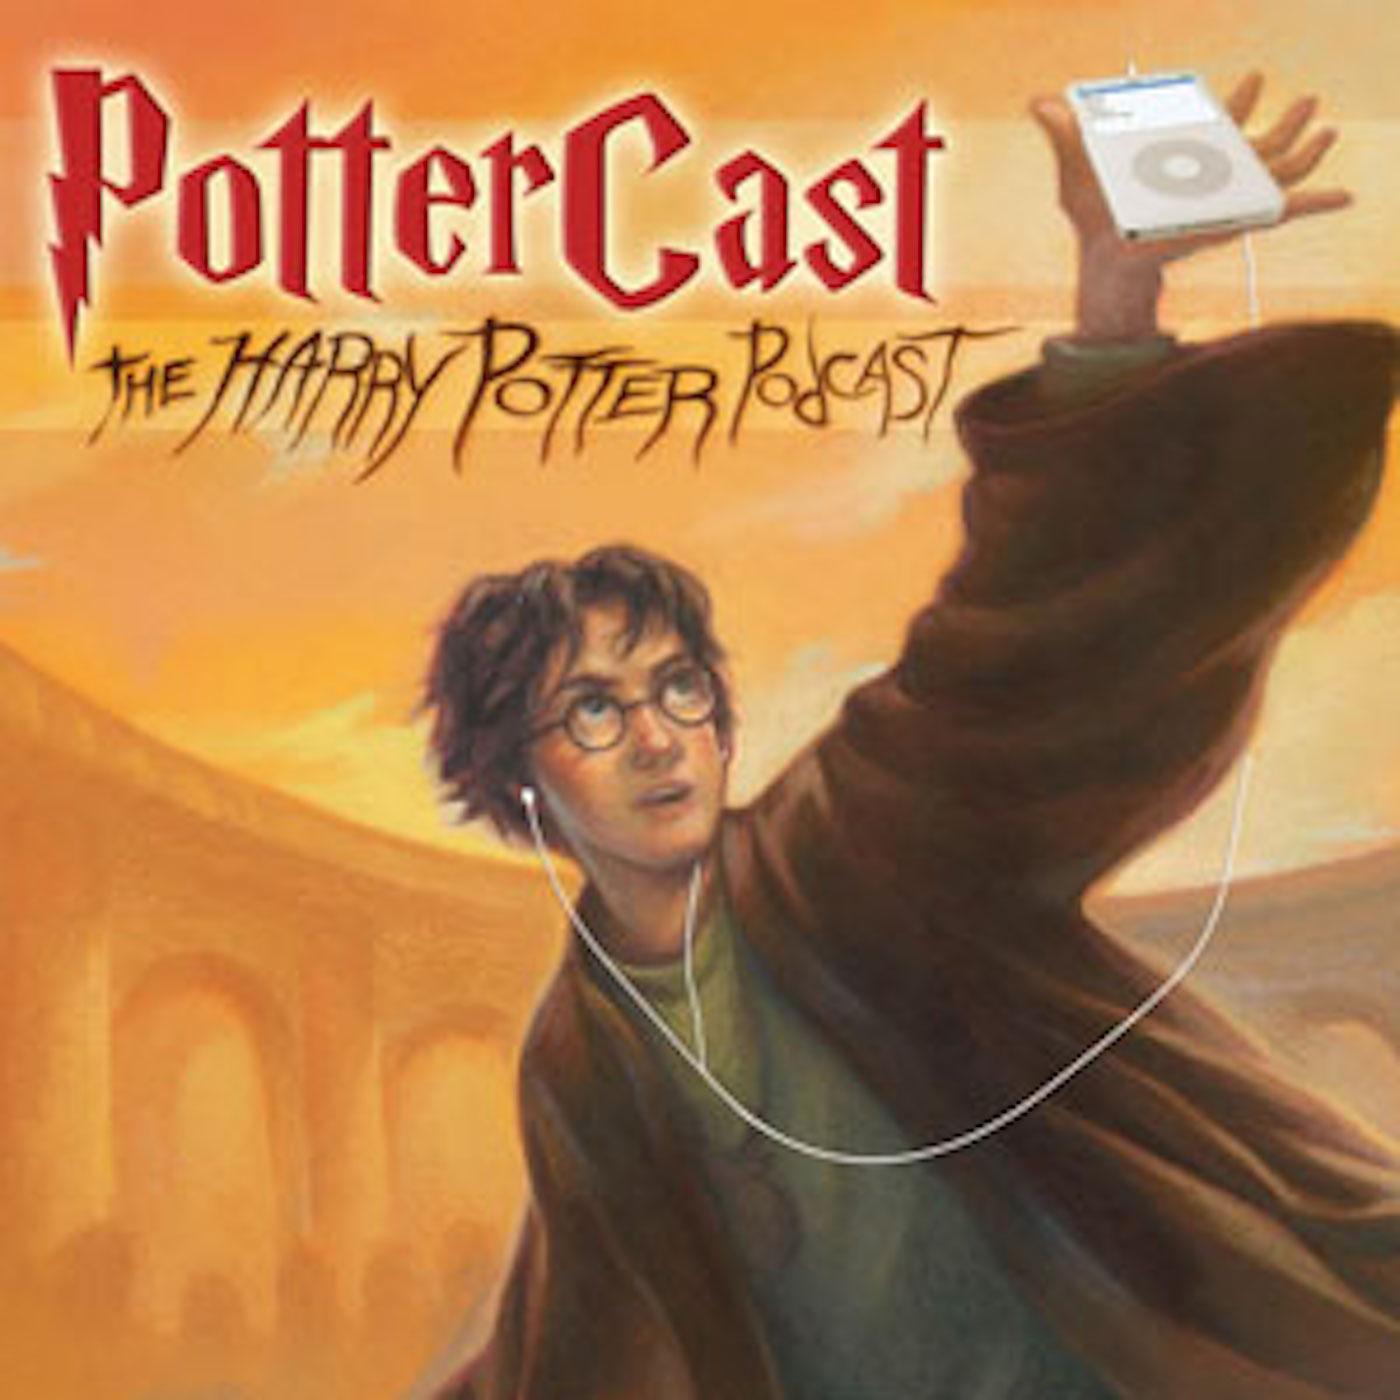 PotterCast - The Harry Potter Podcast logo